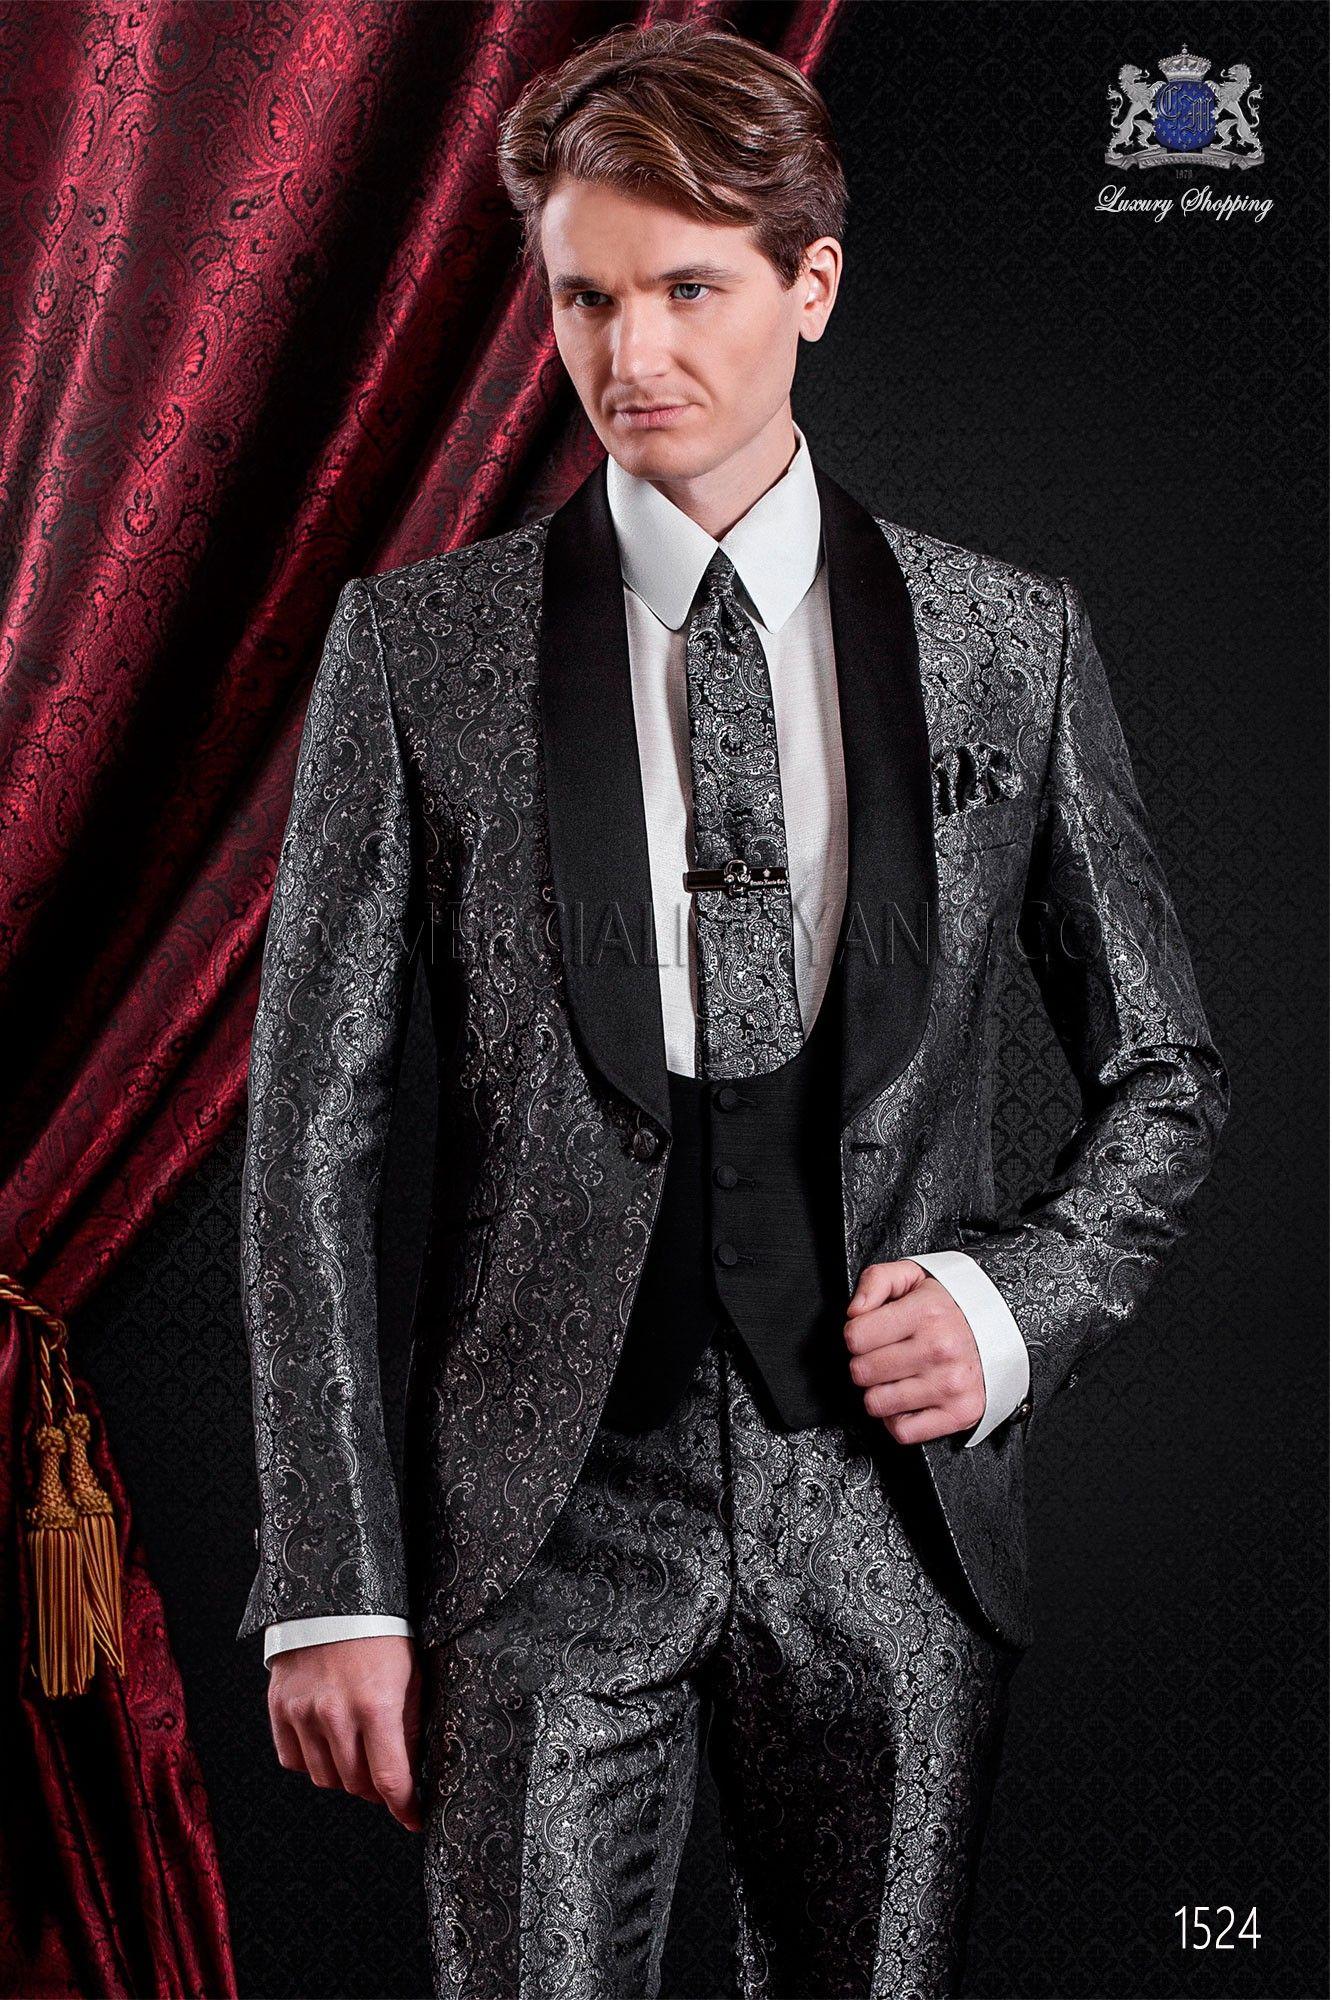 Traje italiano moderno gris jacquard. Esmoquin moda colección emotion 1524  Ottavio Nuccio Gala. Traje Esmoquin 3f670f28861